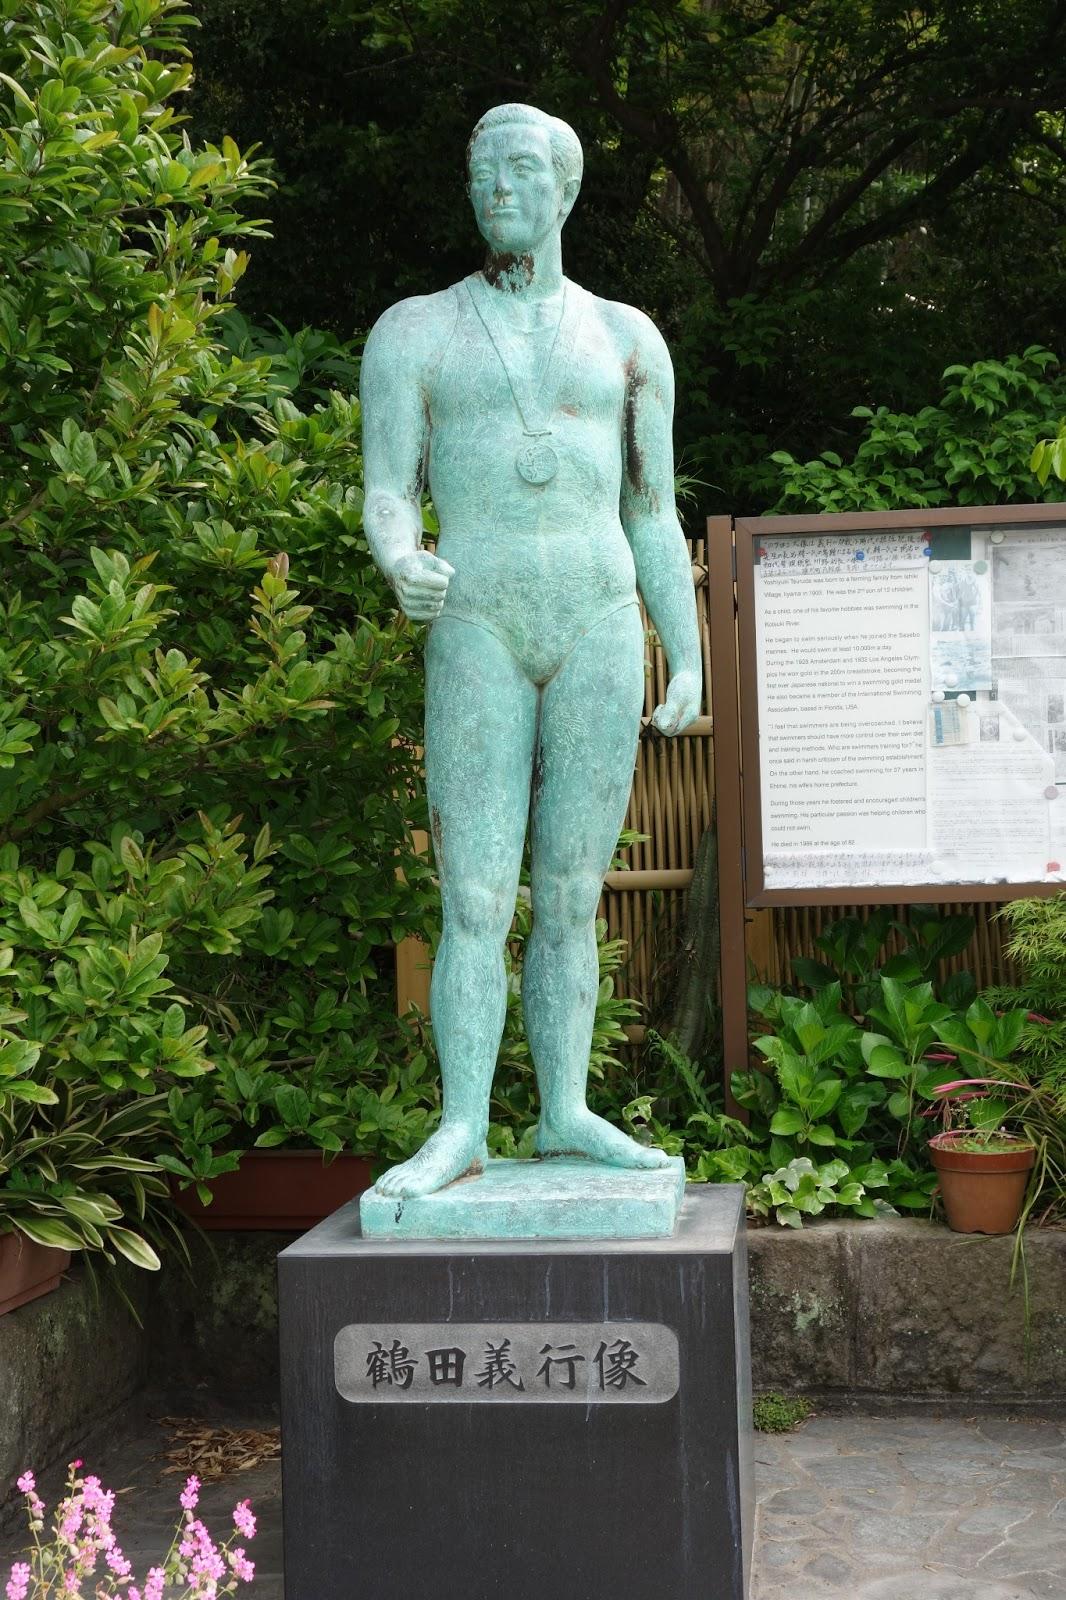 いびき博士の散歩道 in Kagoshima: 銅像(1):鶴田義行の像